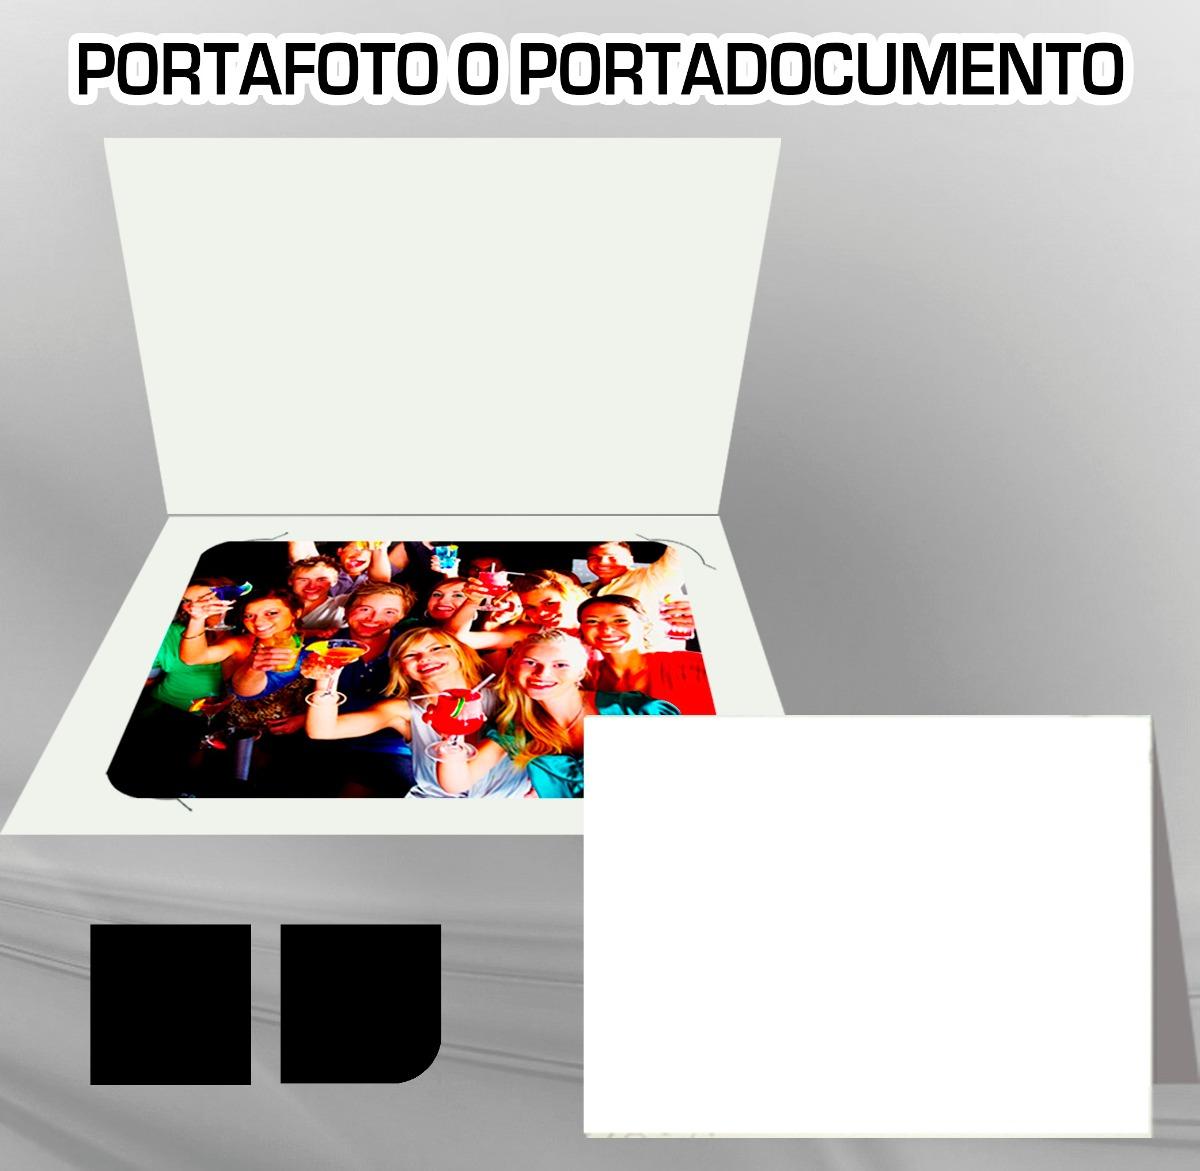 Portafoto 6x8, 6x9, 5x7, 4x Cartulina Sbs 12 Pts - $ 2.80 en Mercado ...